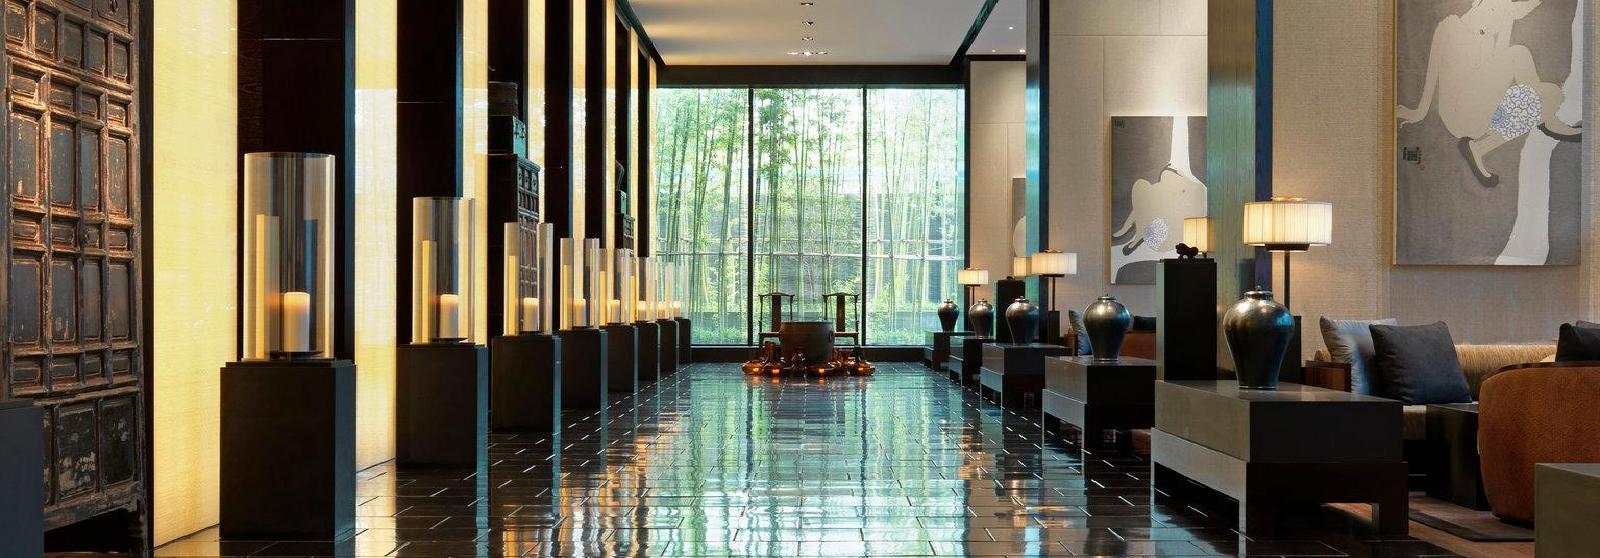 璞麗酒店(The PuLi Hotel and Spa) 大堂图片  www.lhw.cn